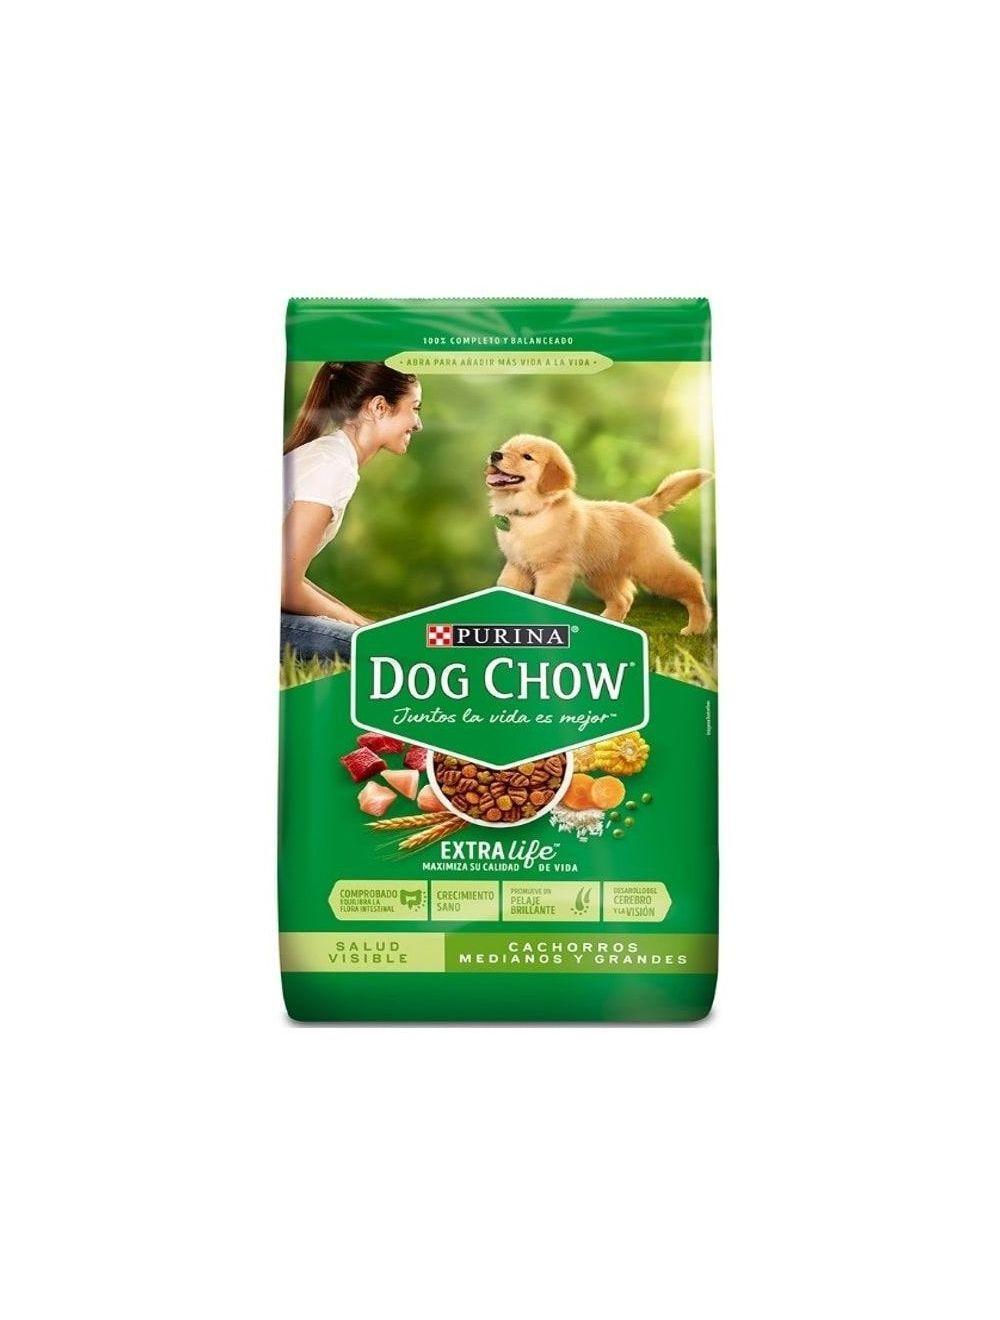 Dog Chow® Salud Visible Cachorros Medianos Y Grandes (8 Kg)